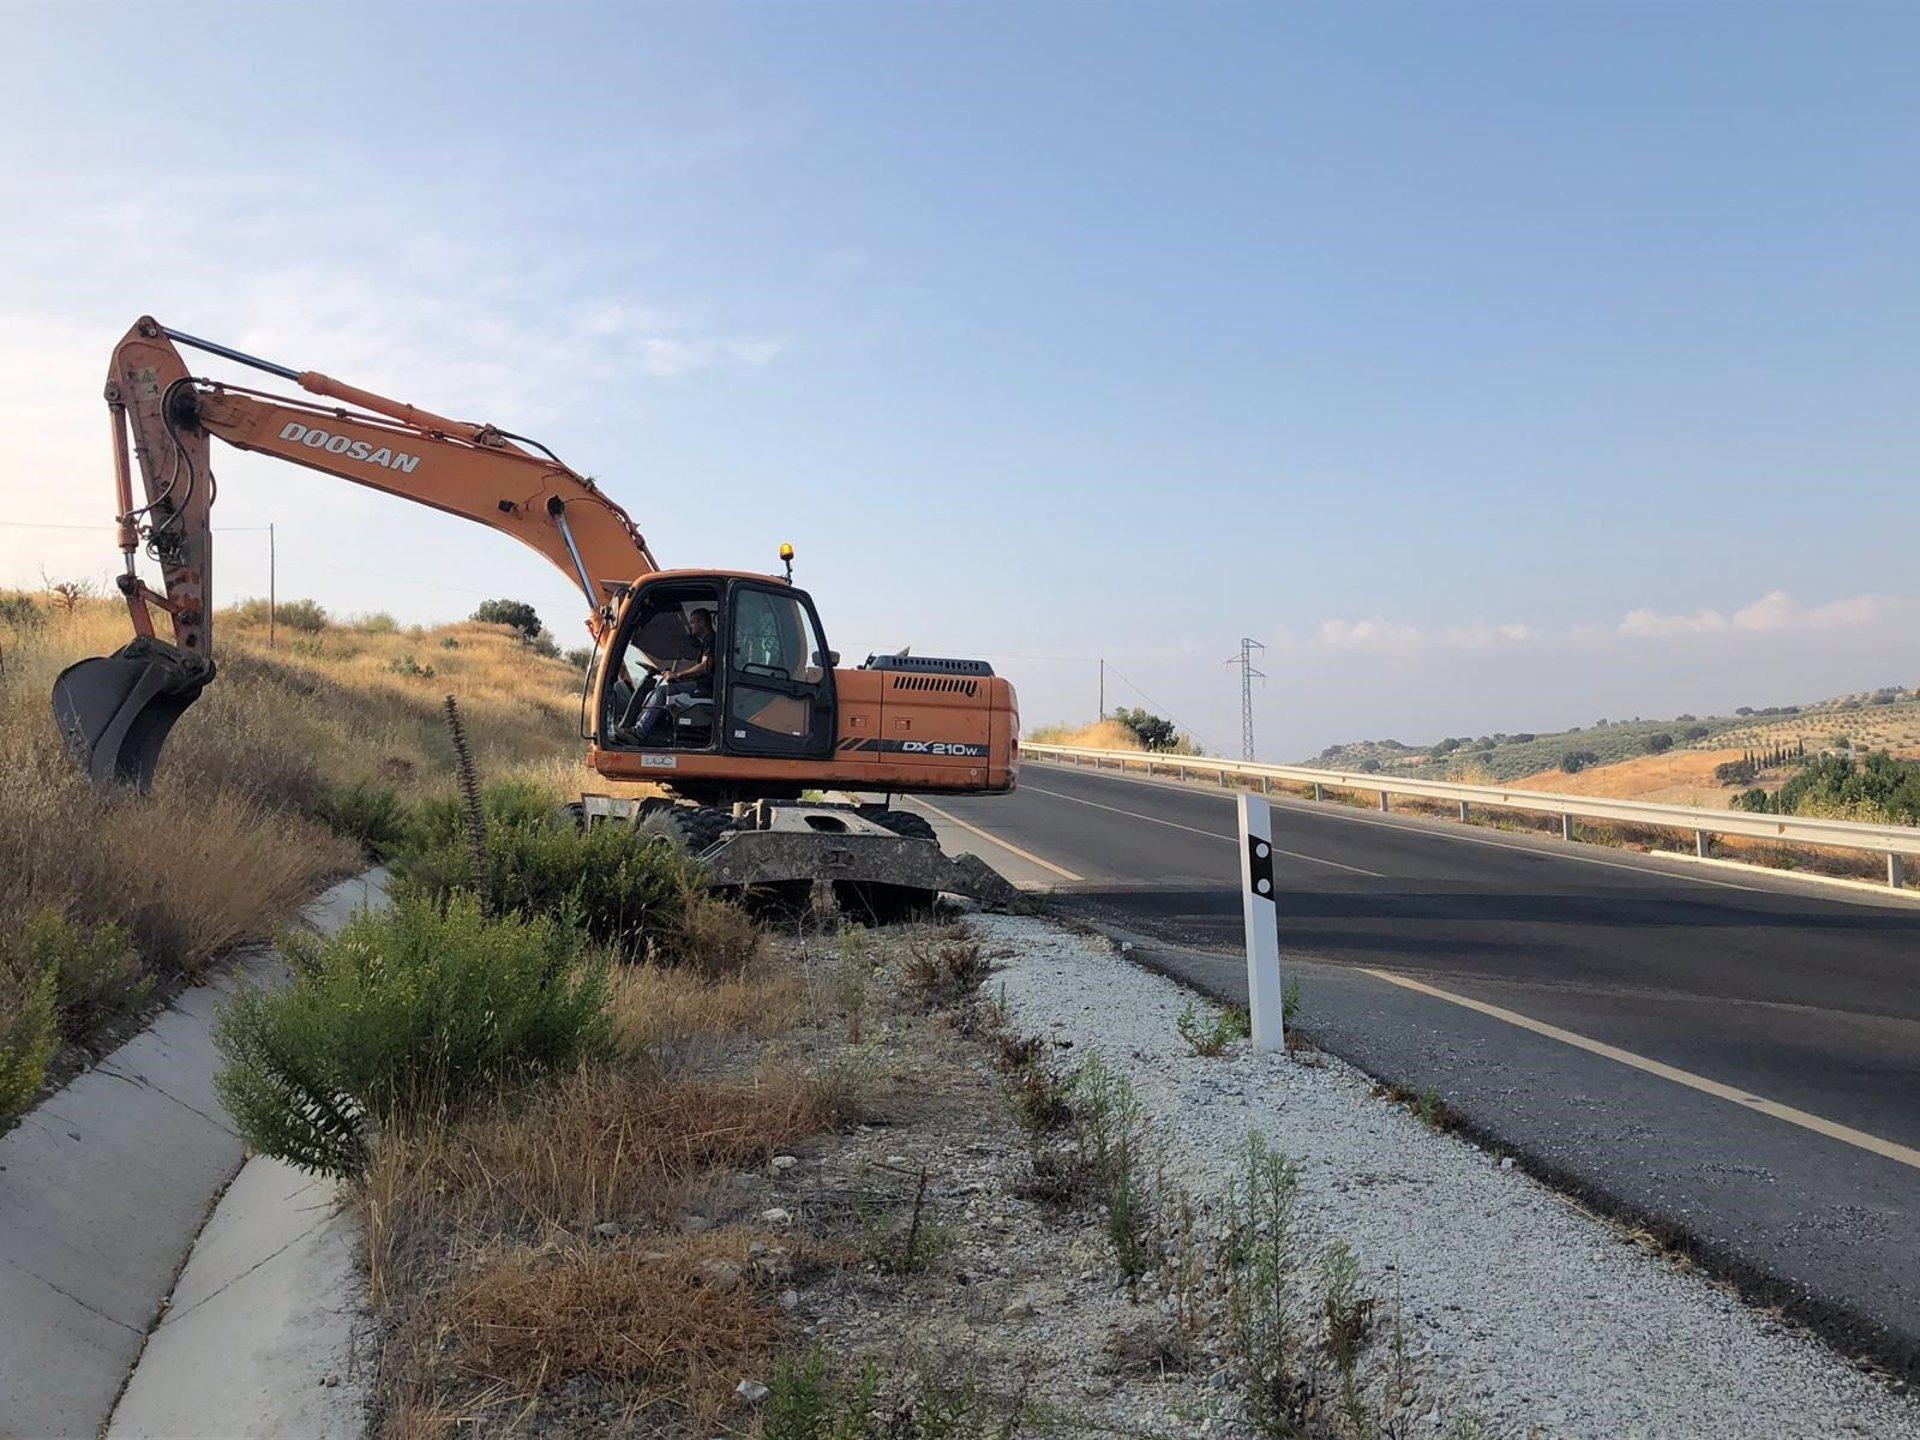 Formalizan el contrato de obras de conservación de carreteras del Estado por diez millones